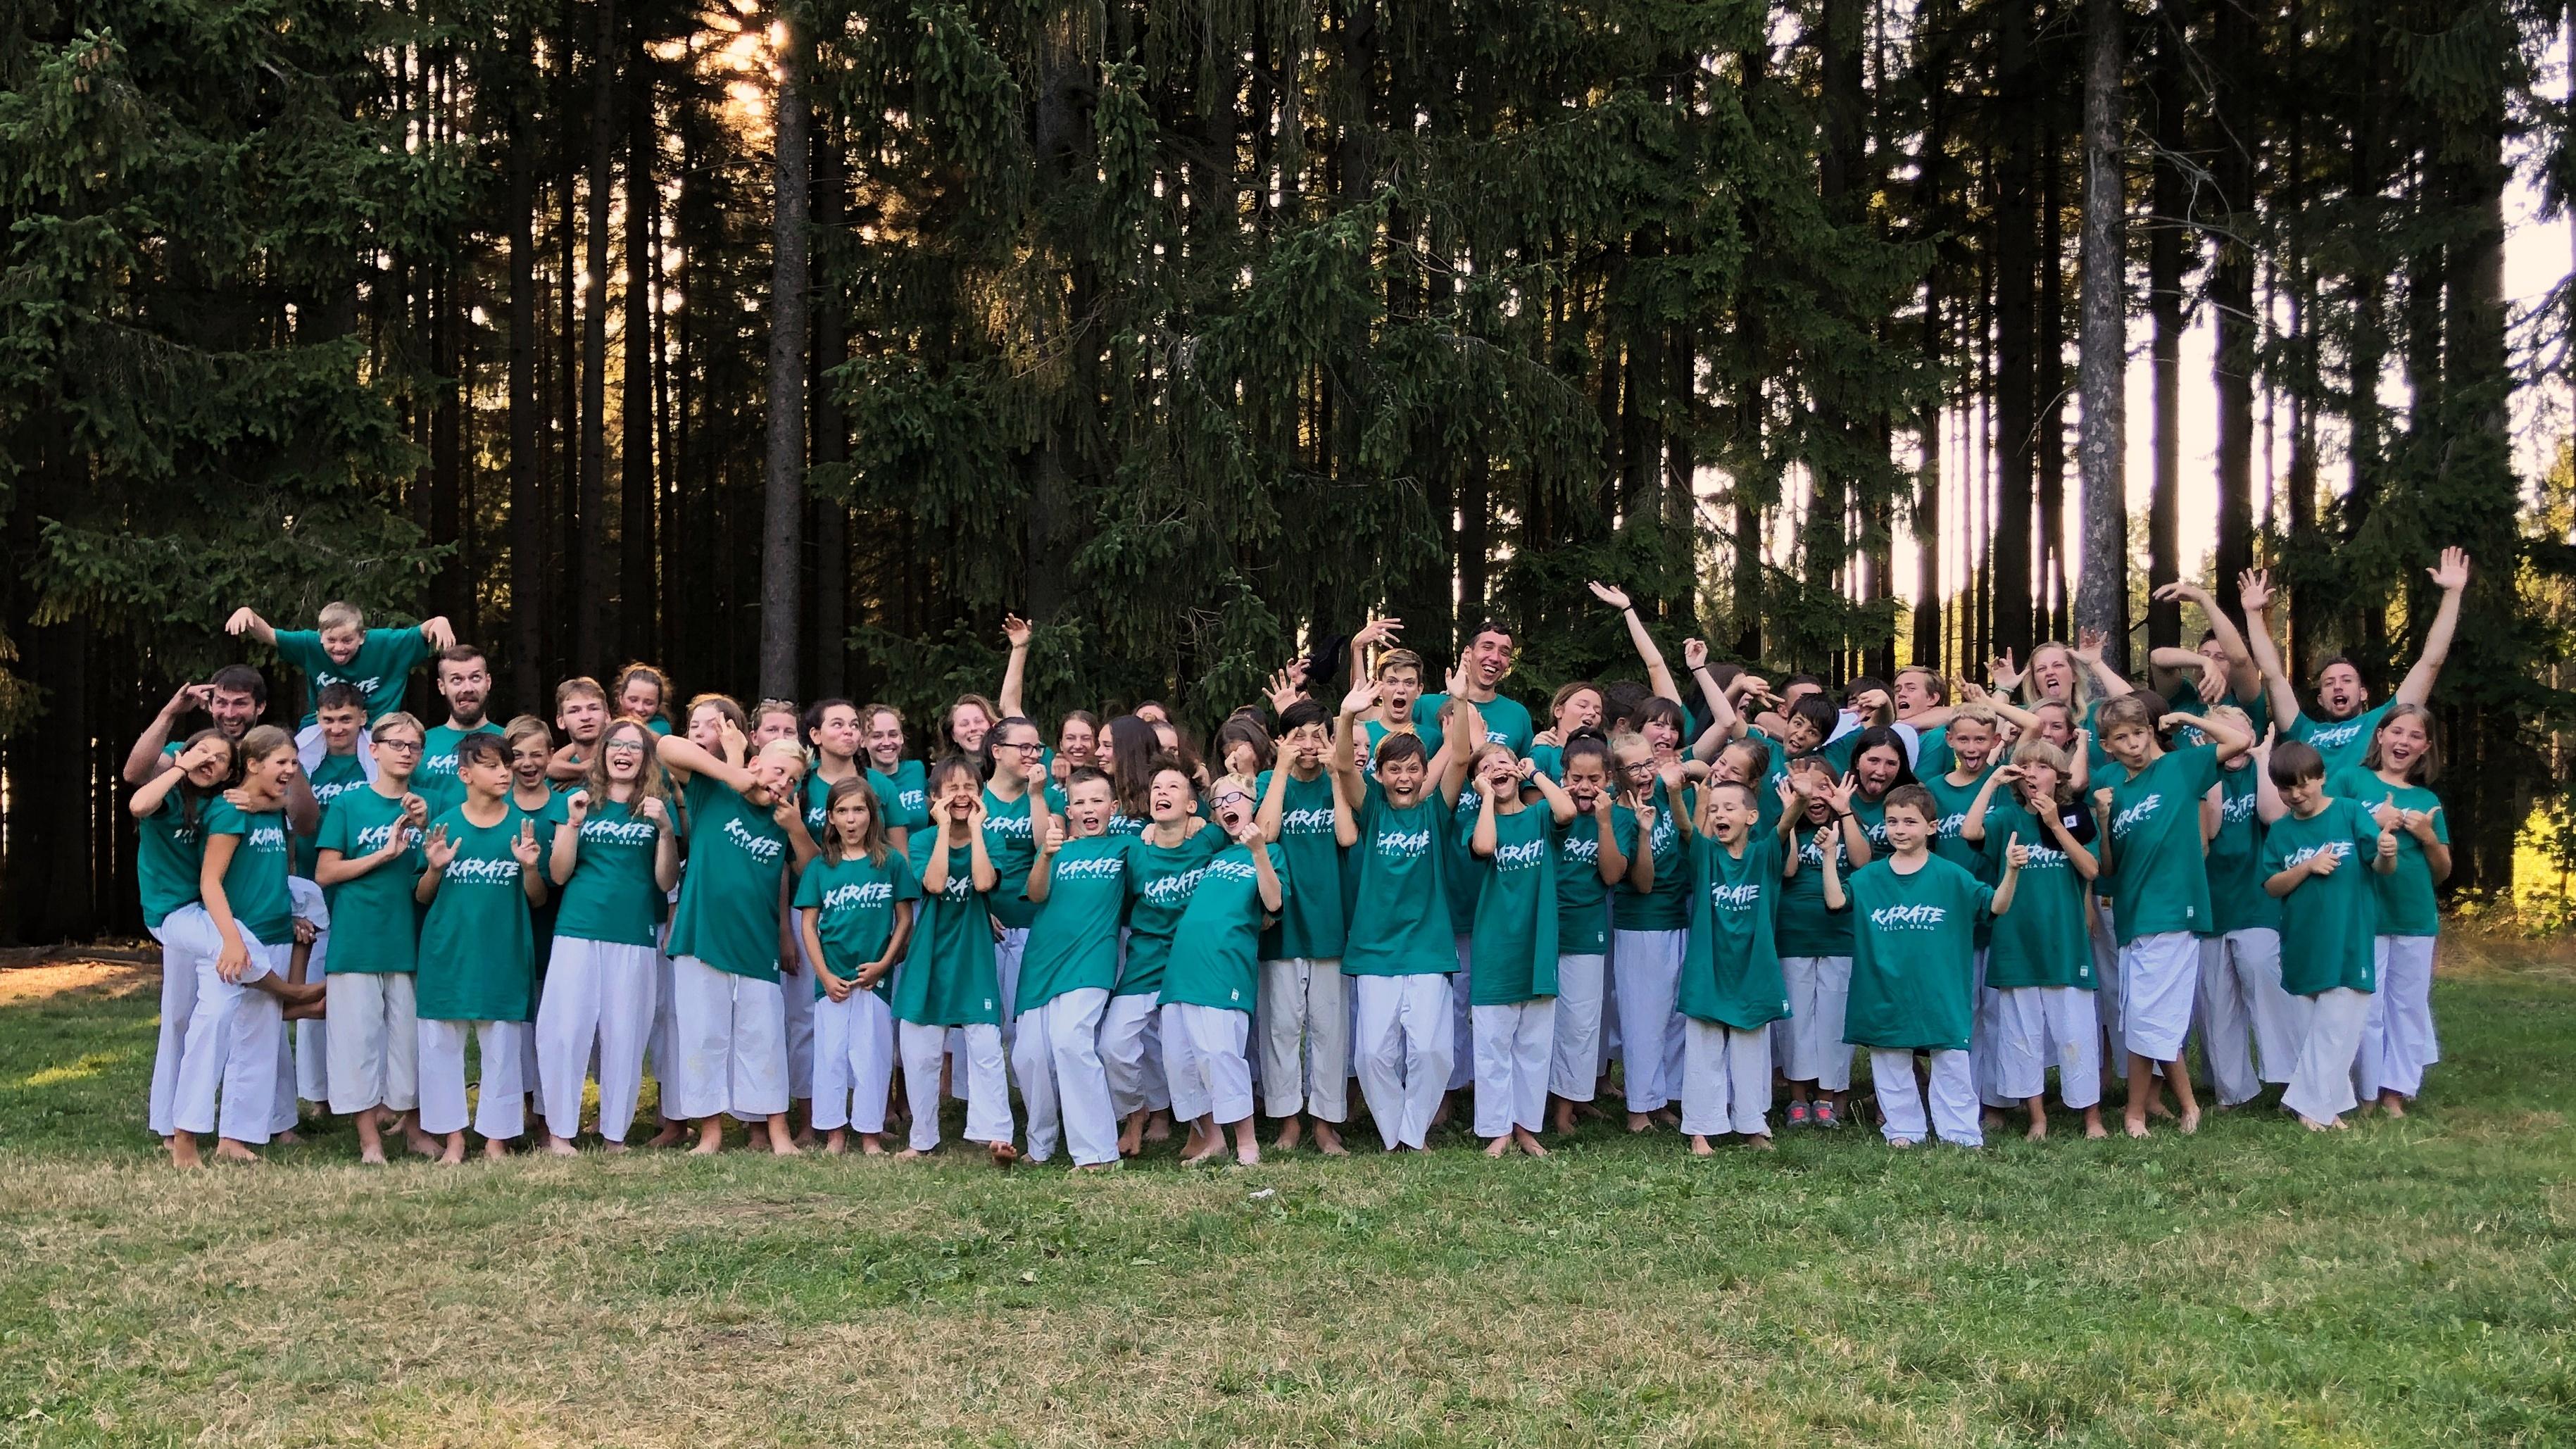 Letní soustředění oddílu karate TJ Tesla Brno - Svratouch 2019